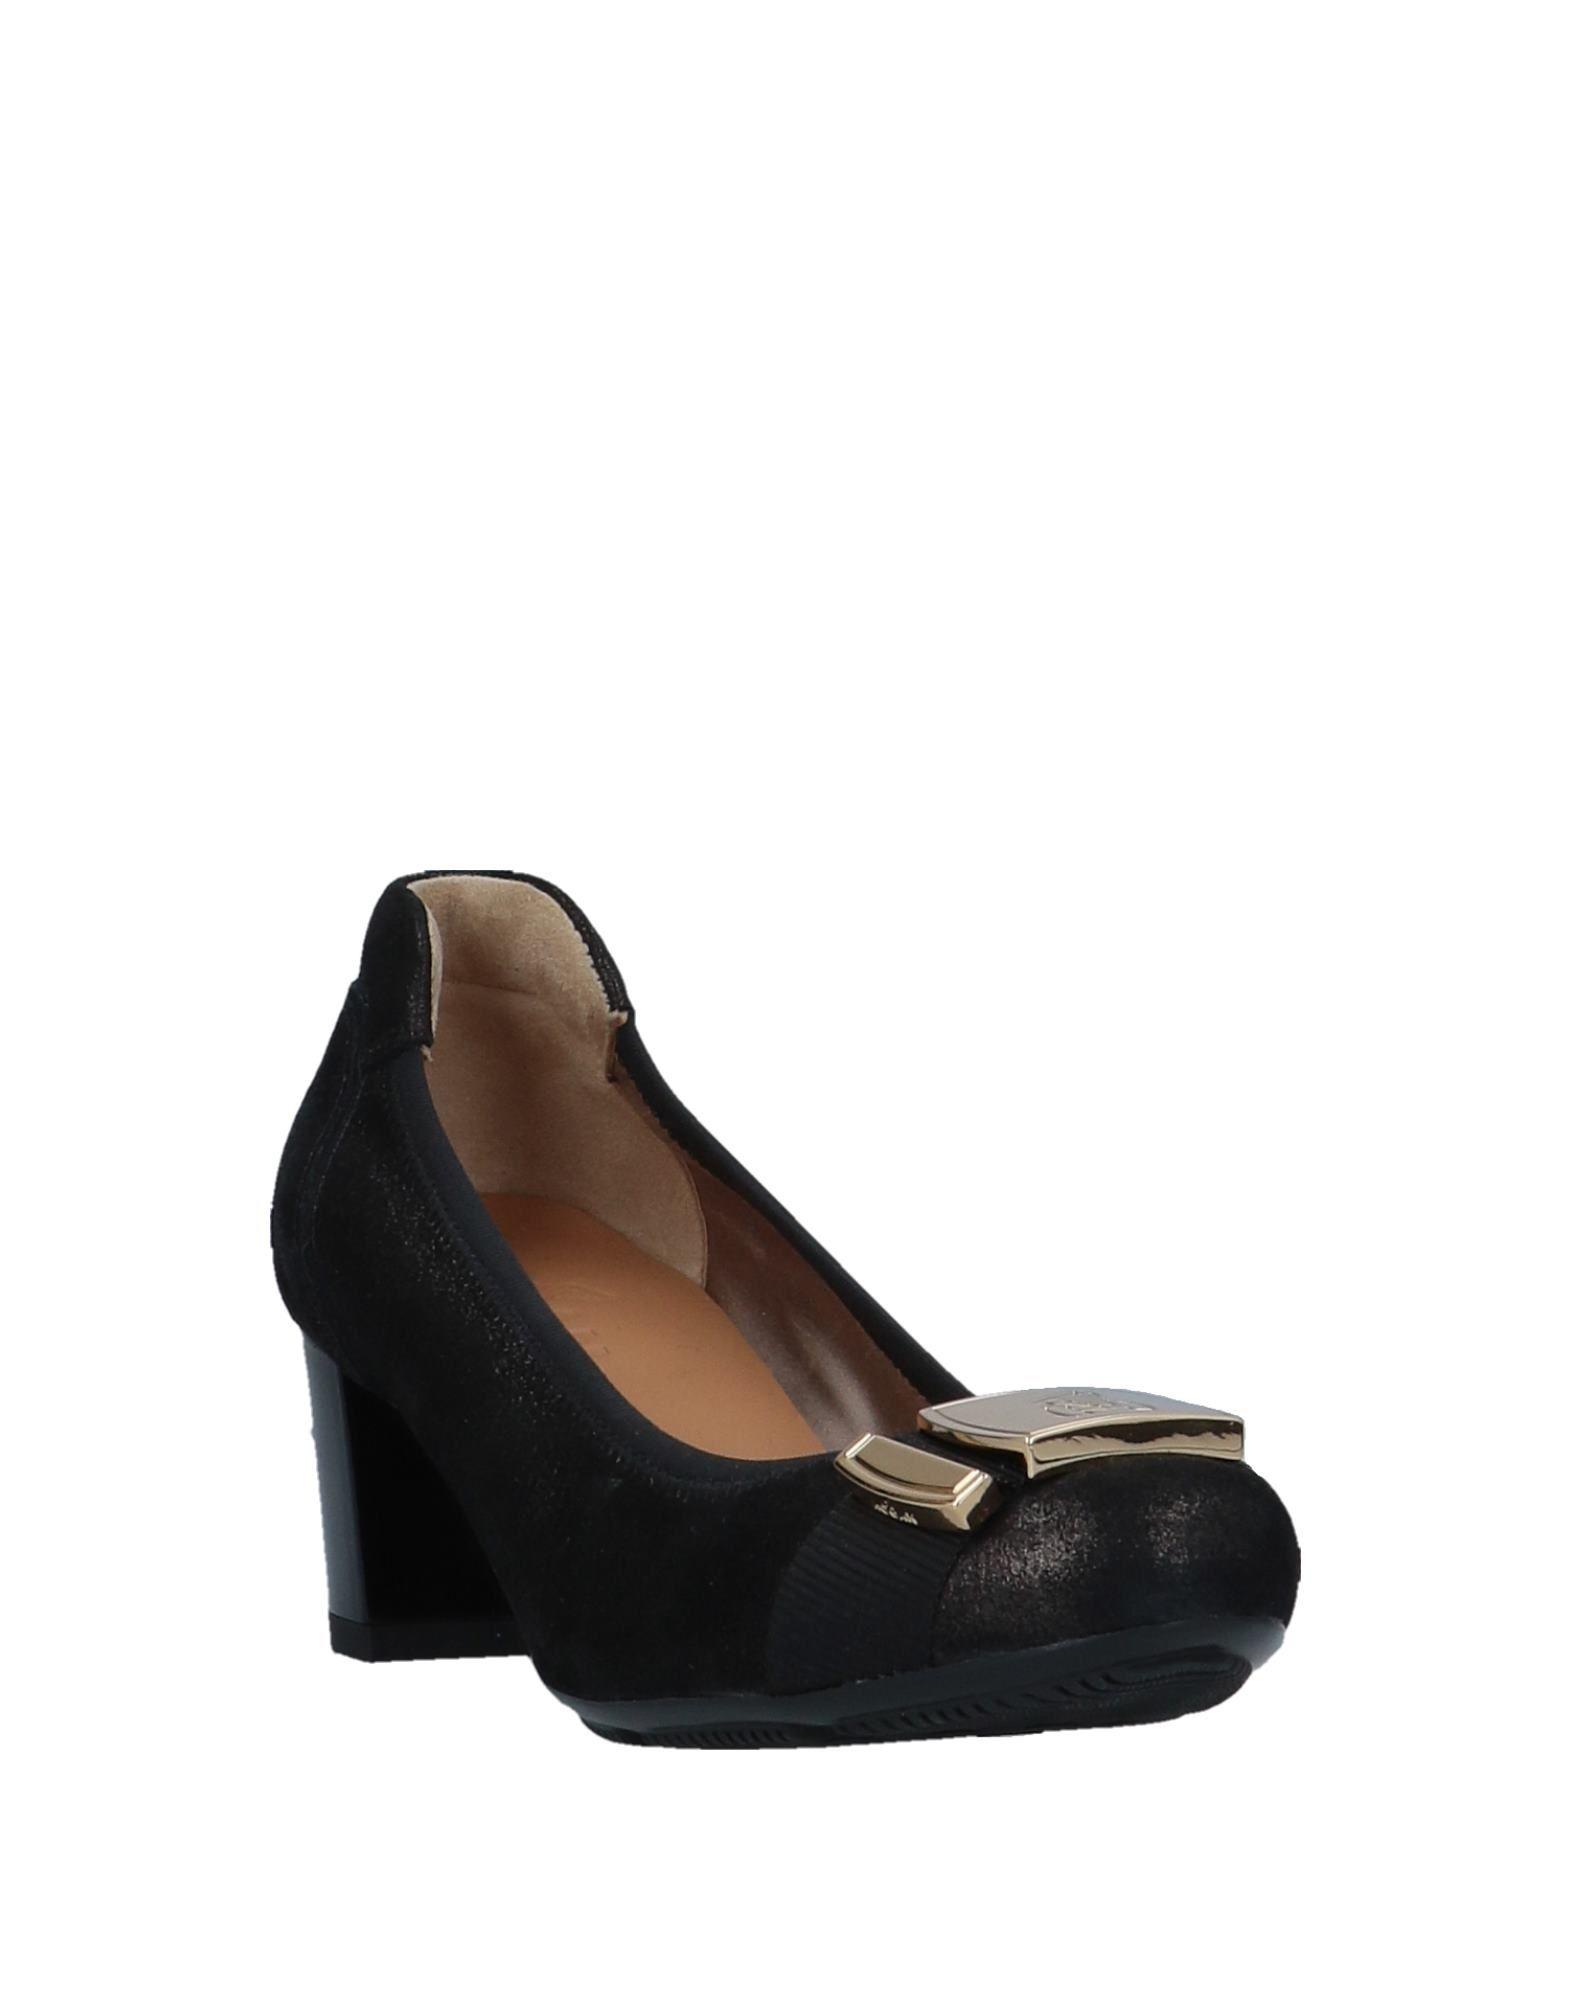 Rabatt Schuhe Hogan Pumps  Damen  Pumps 11516152JF f92022